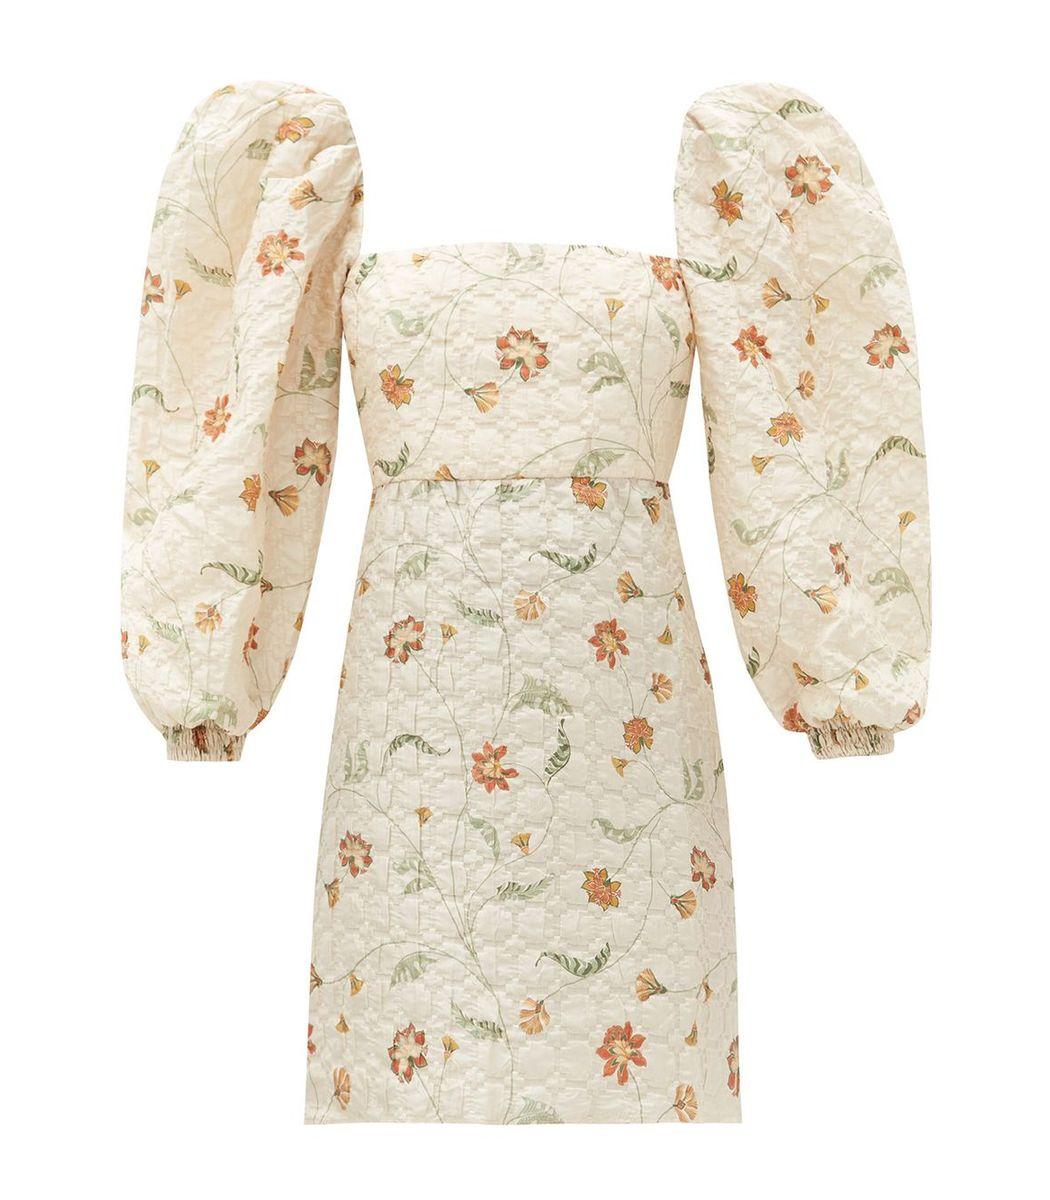 Johanna Ortiz Wayfaring Floral Print Mini Dress